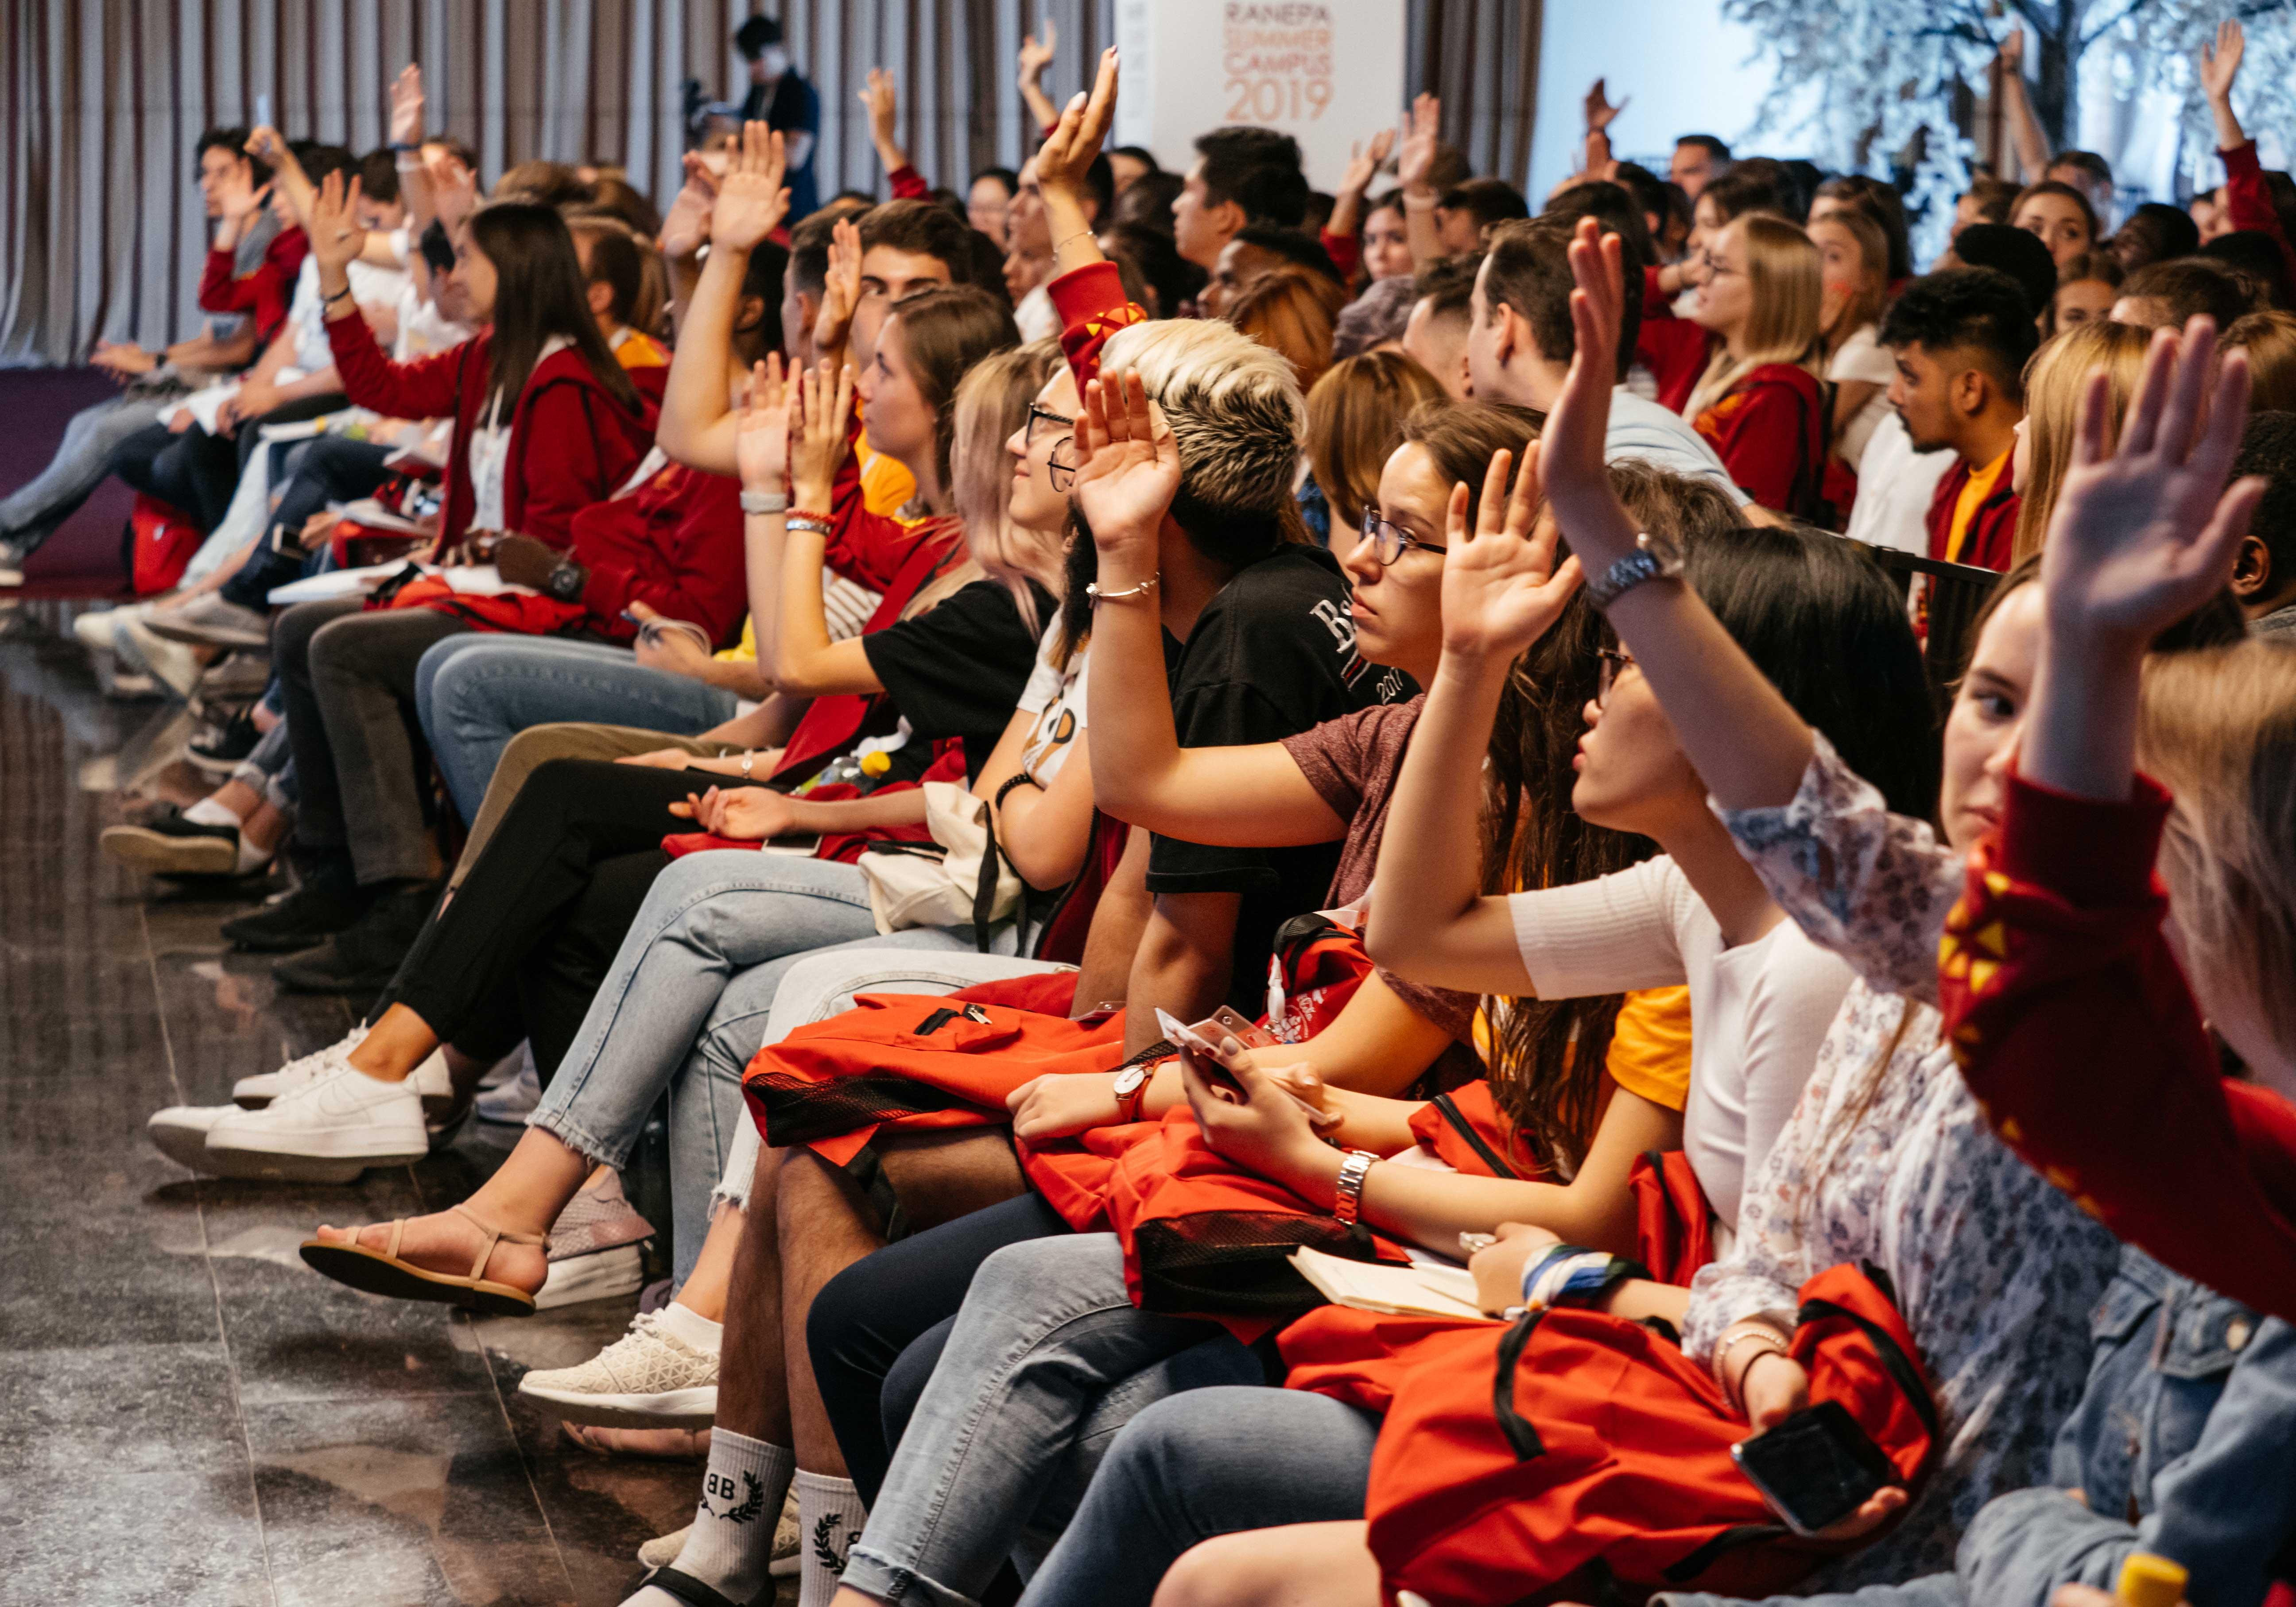 О брендировании городов, всемирных флешмобах и значимости дизайна участники Международного летнего кампуса узнали на лекции генерального директора благотворительного фонда по поддержанию здоровья глаз Eye Care Foundation Бьерна Стенверса о глобальных трендах и маркетинге.